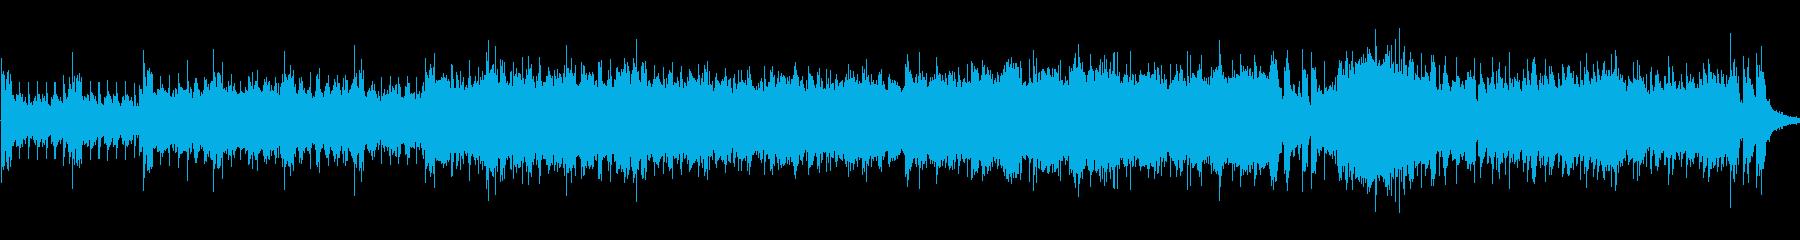 戦いオーケストラループ情熱的の再生済みの波形